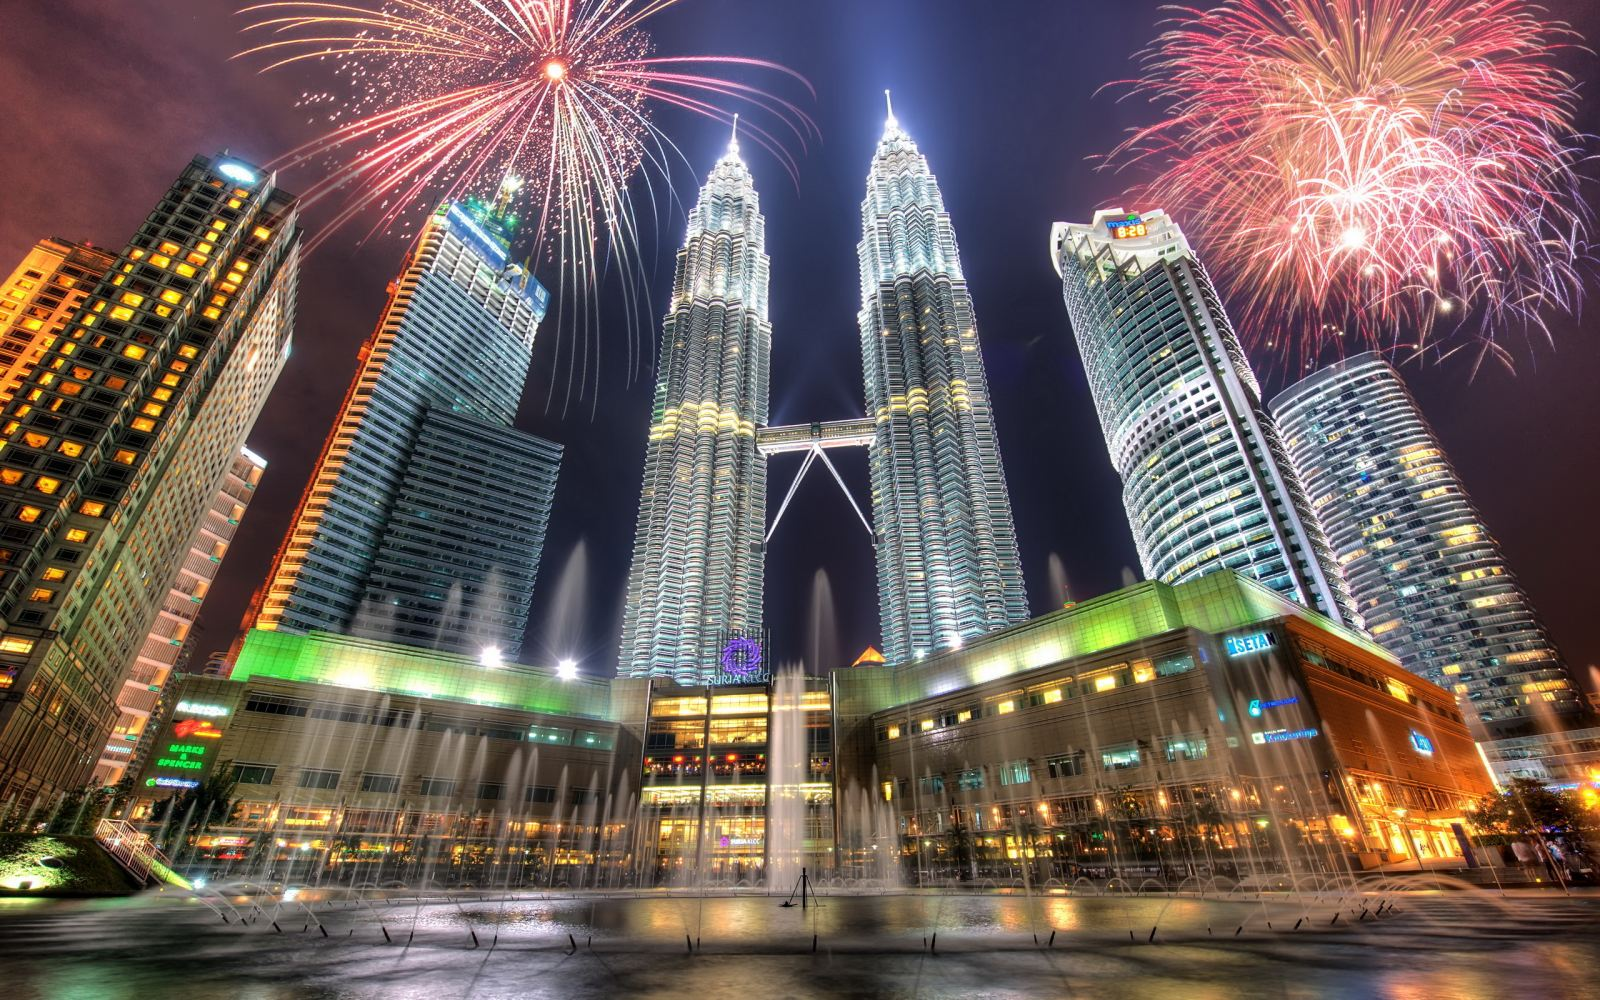 TWIN TOWER MALAYSIA